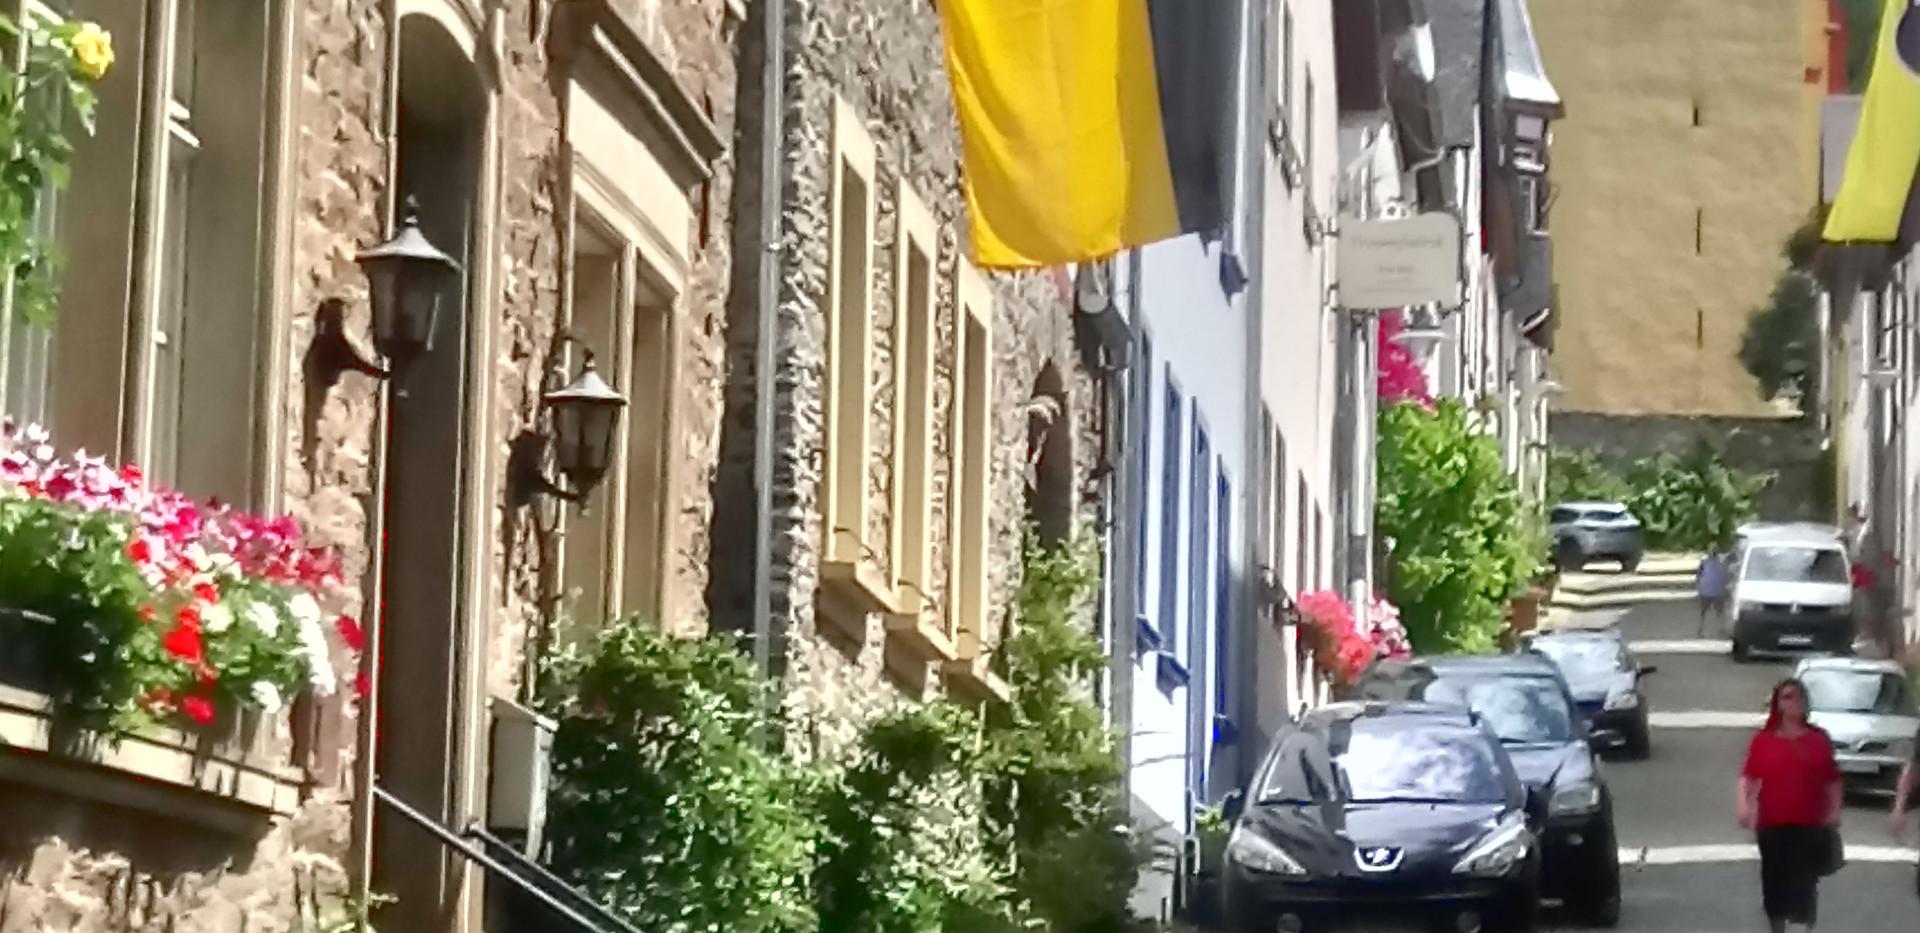 Historischer Winzerverein Boutique B&B in Senheim, Mosel Trip